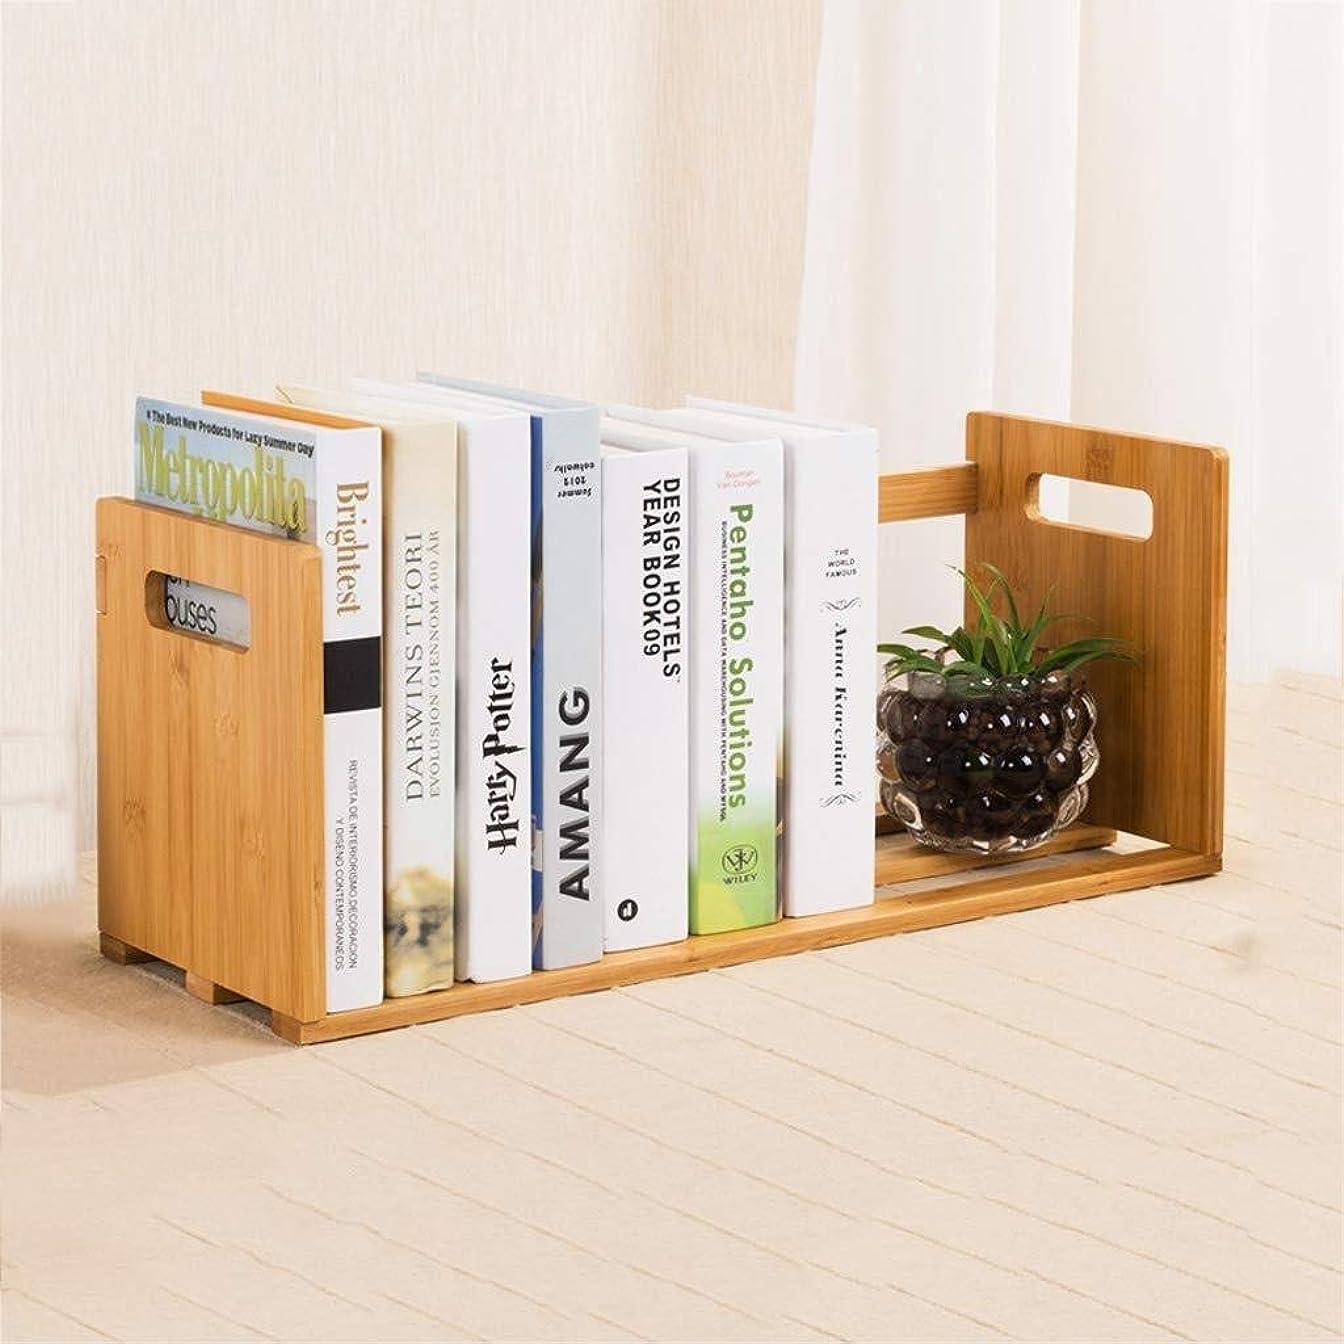 レンズ正しく邪悪な本棚デスクトップ本棚シンプルな木製小さな本棚本ファイル収納ラックディスプレイスタンド50×18.5×20センチ